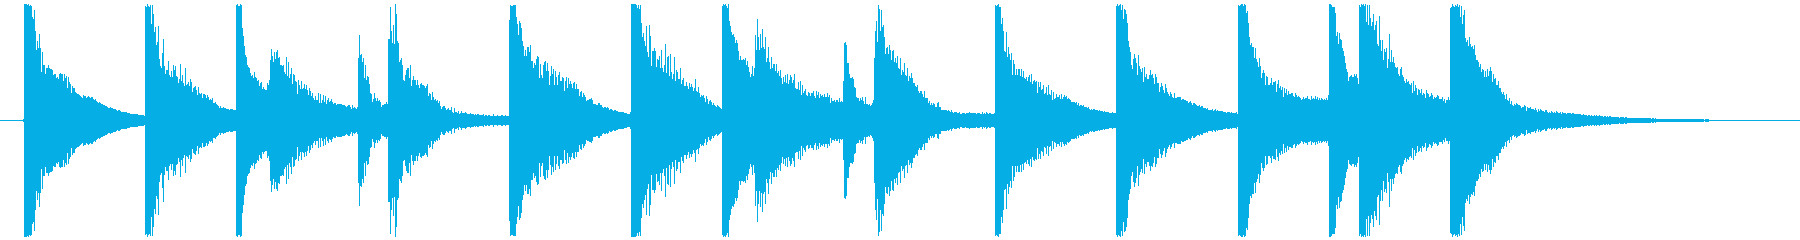 オルゴールとピアノのコミカルなジングルの再生済みの波形